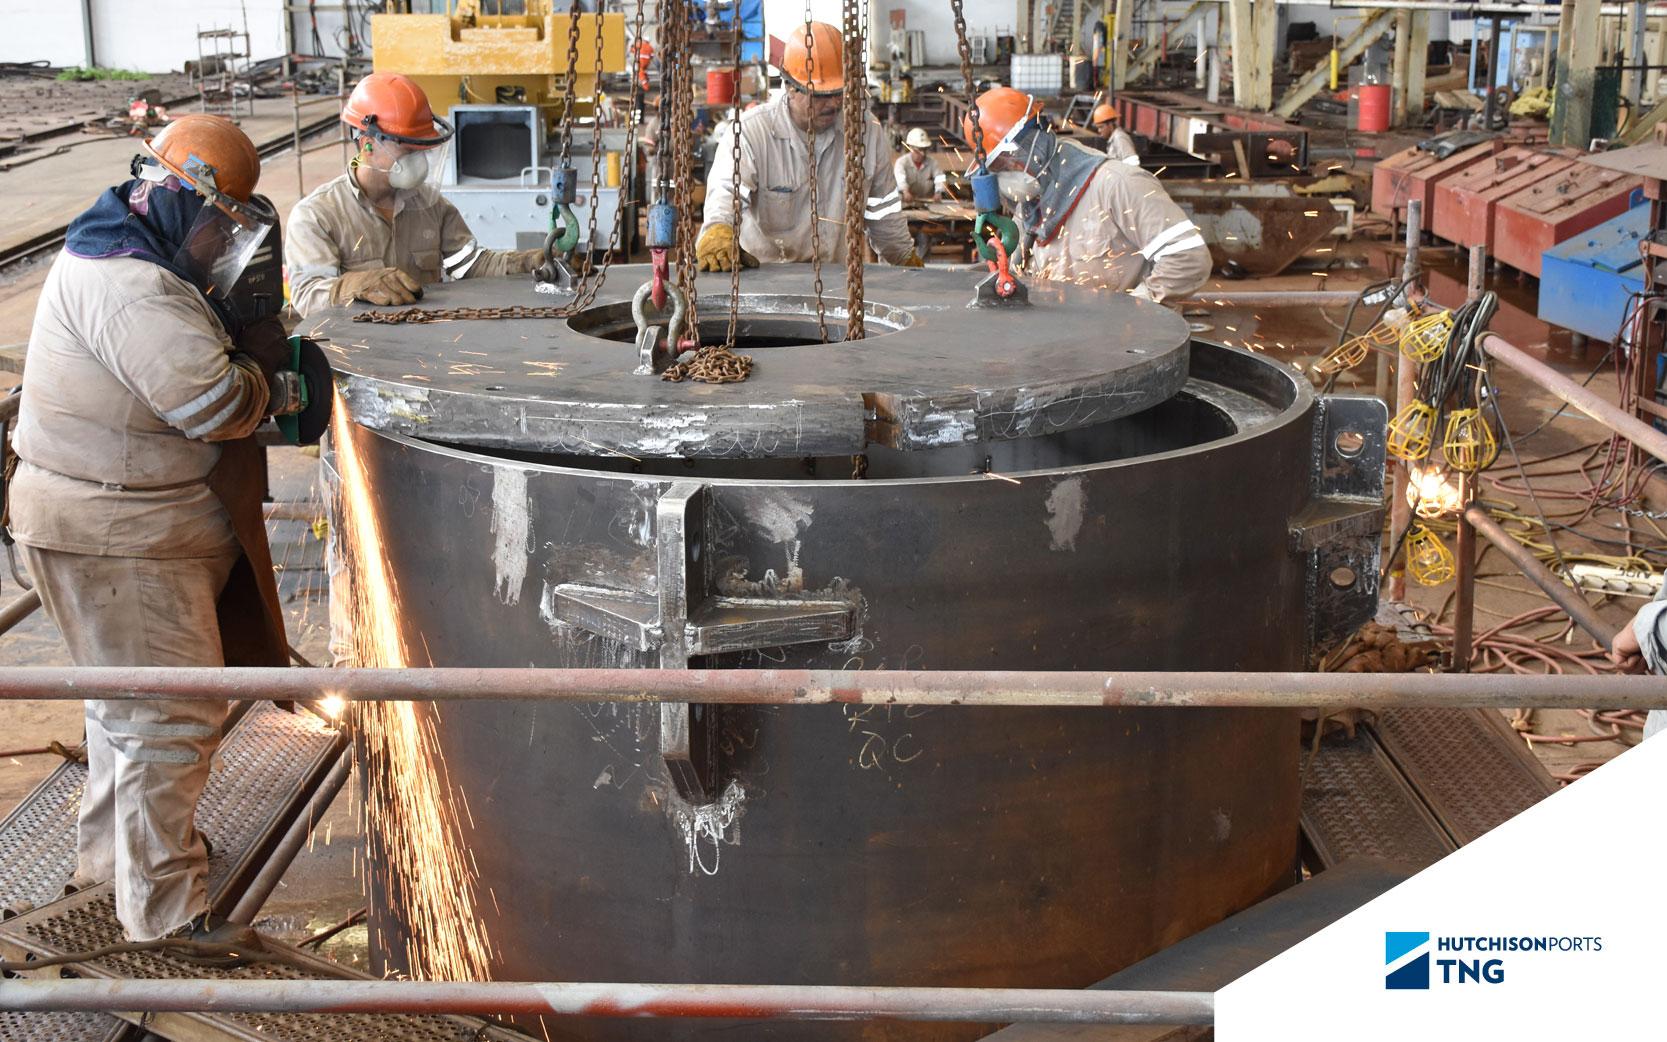 tanque-de-almacenamiento-de-residuos-peligrosos